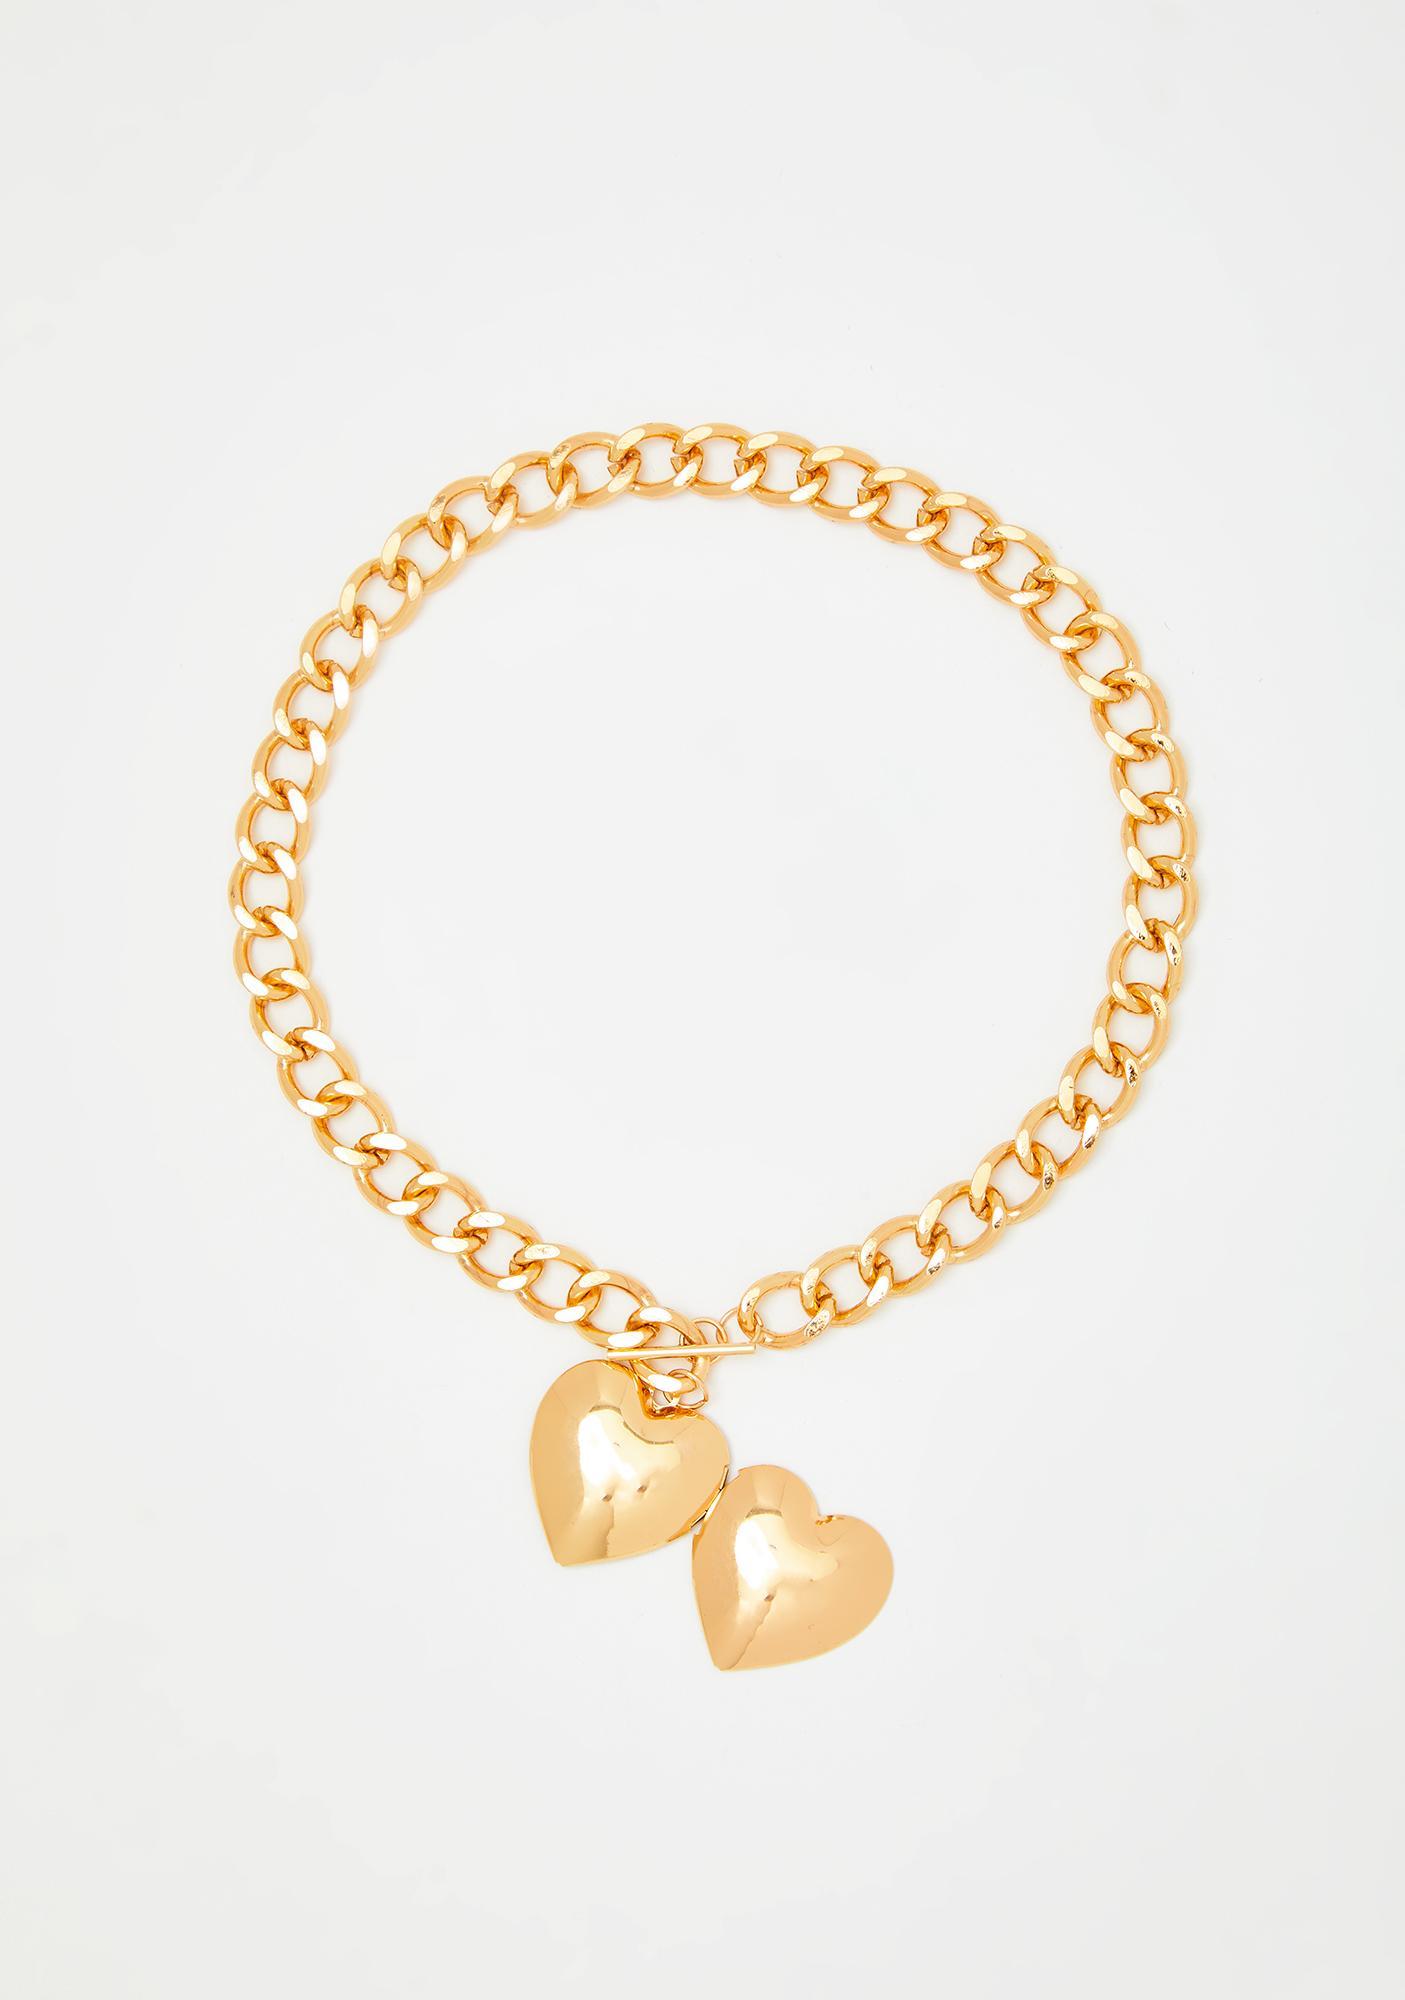 Precious Two Of Hearts Locket Necklace